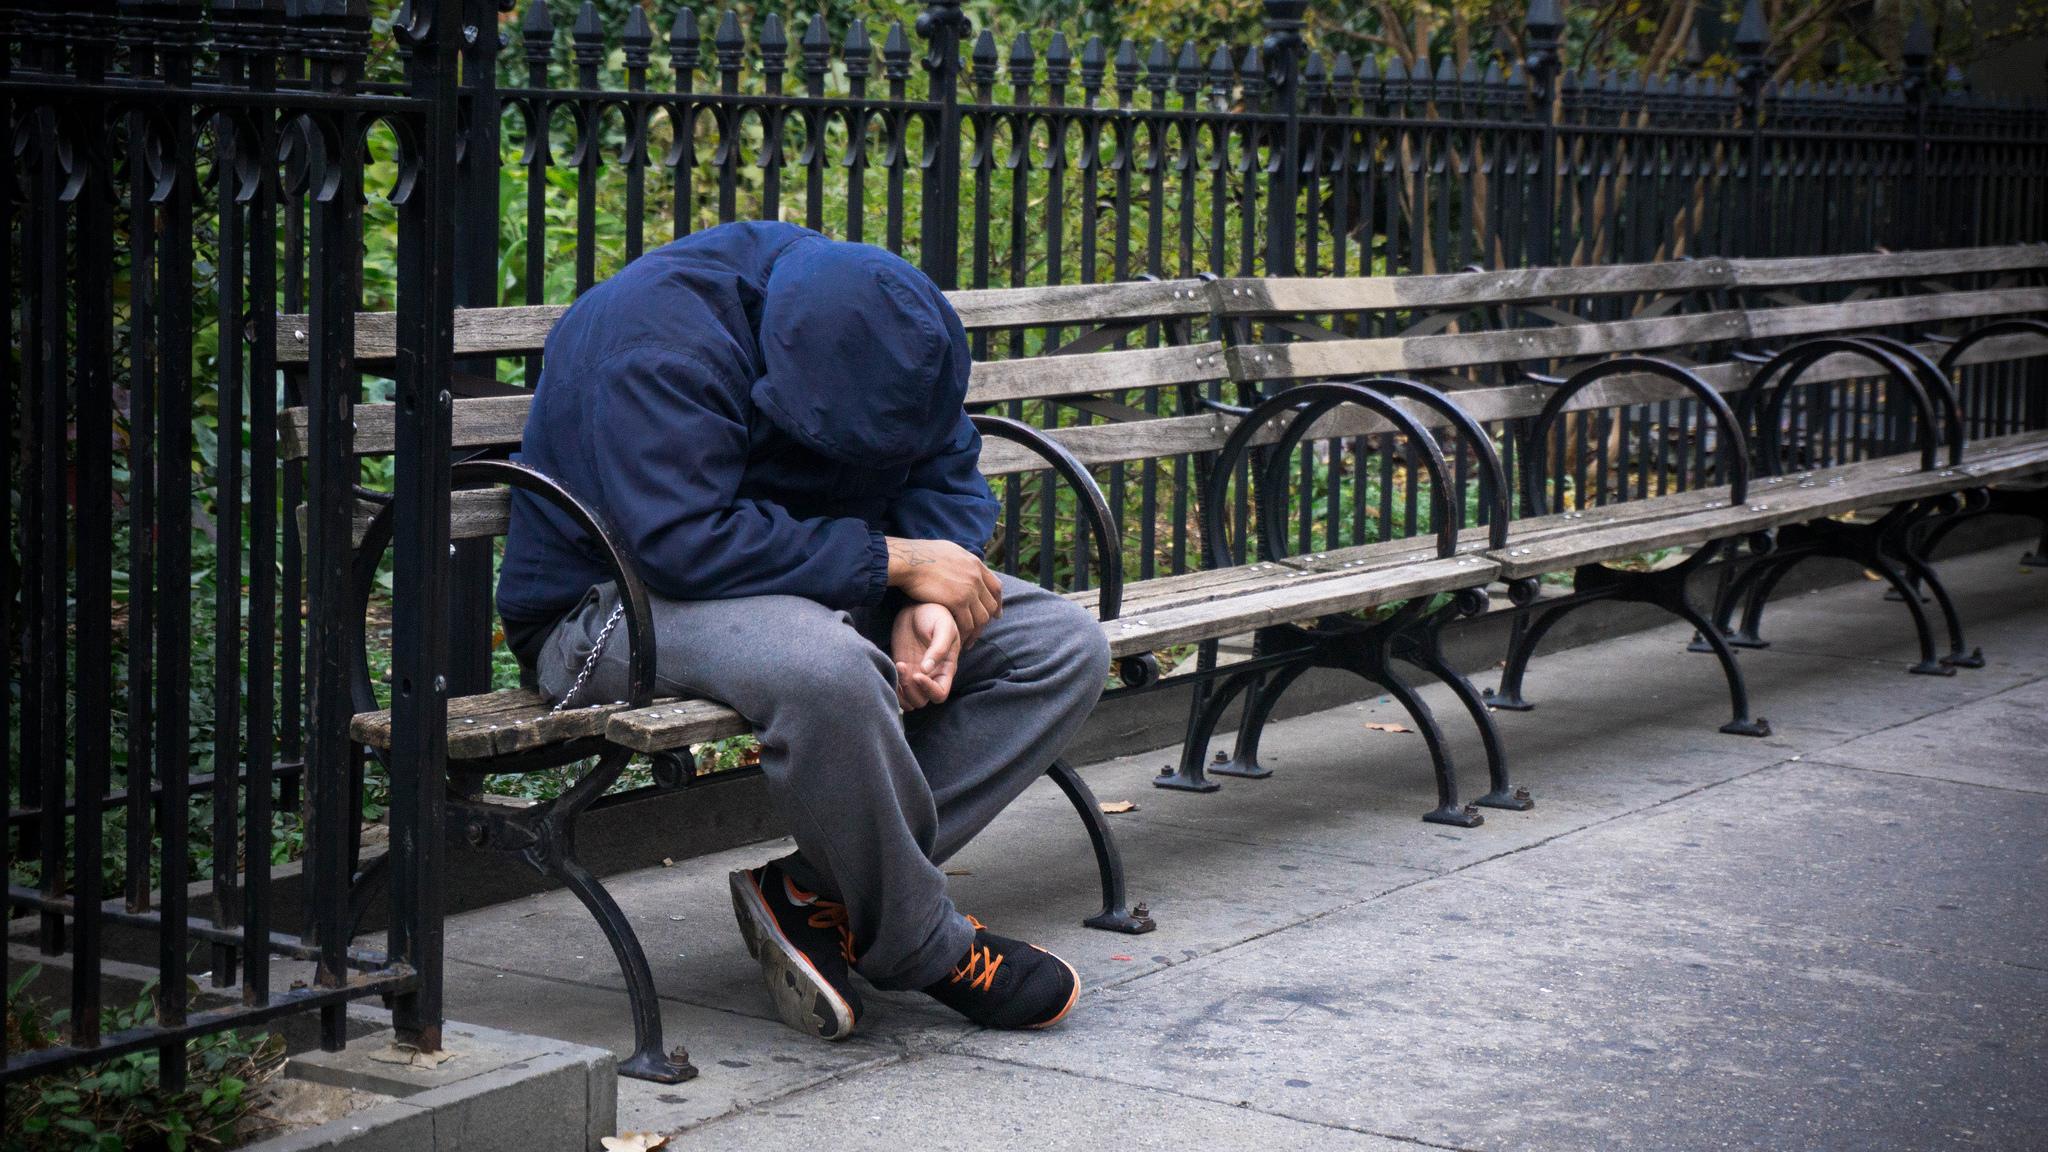 ارتفاع حالات الوفاة جراء تعاطي المخدرات من الامريكيين بمعدل 42%